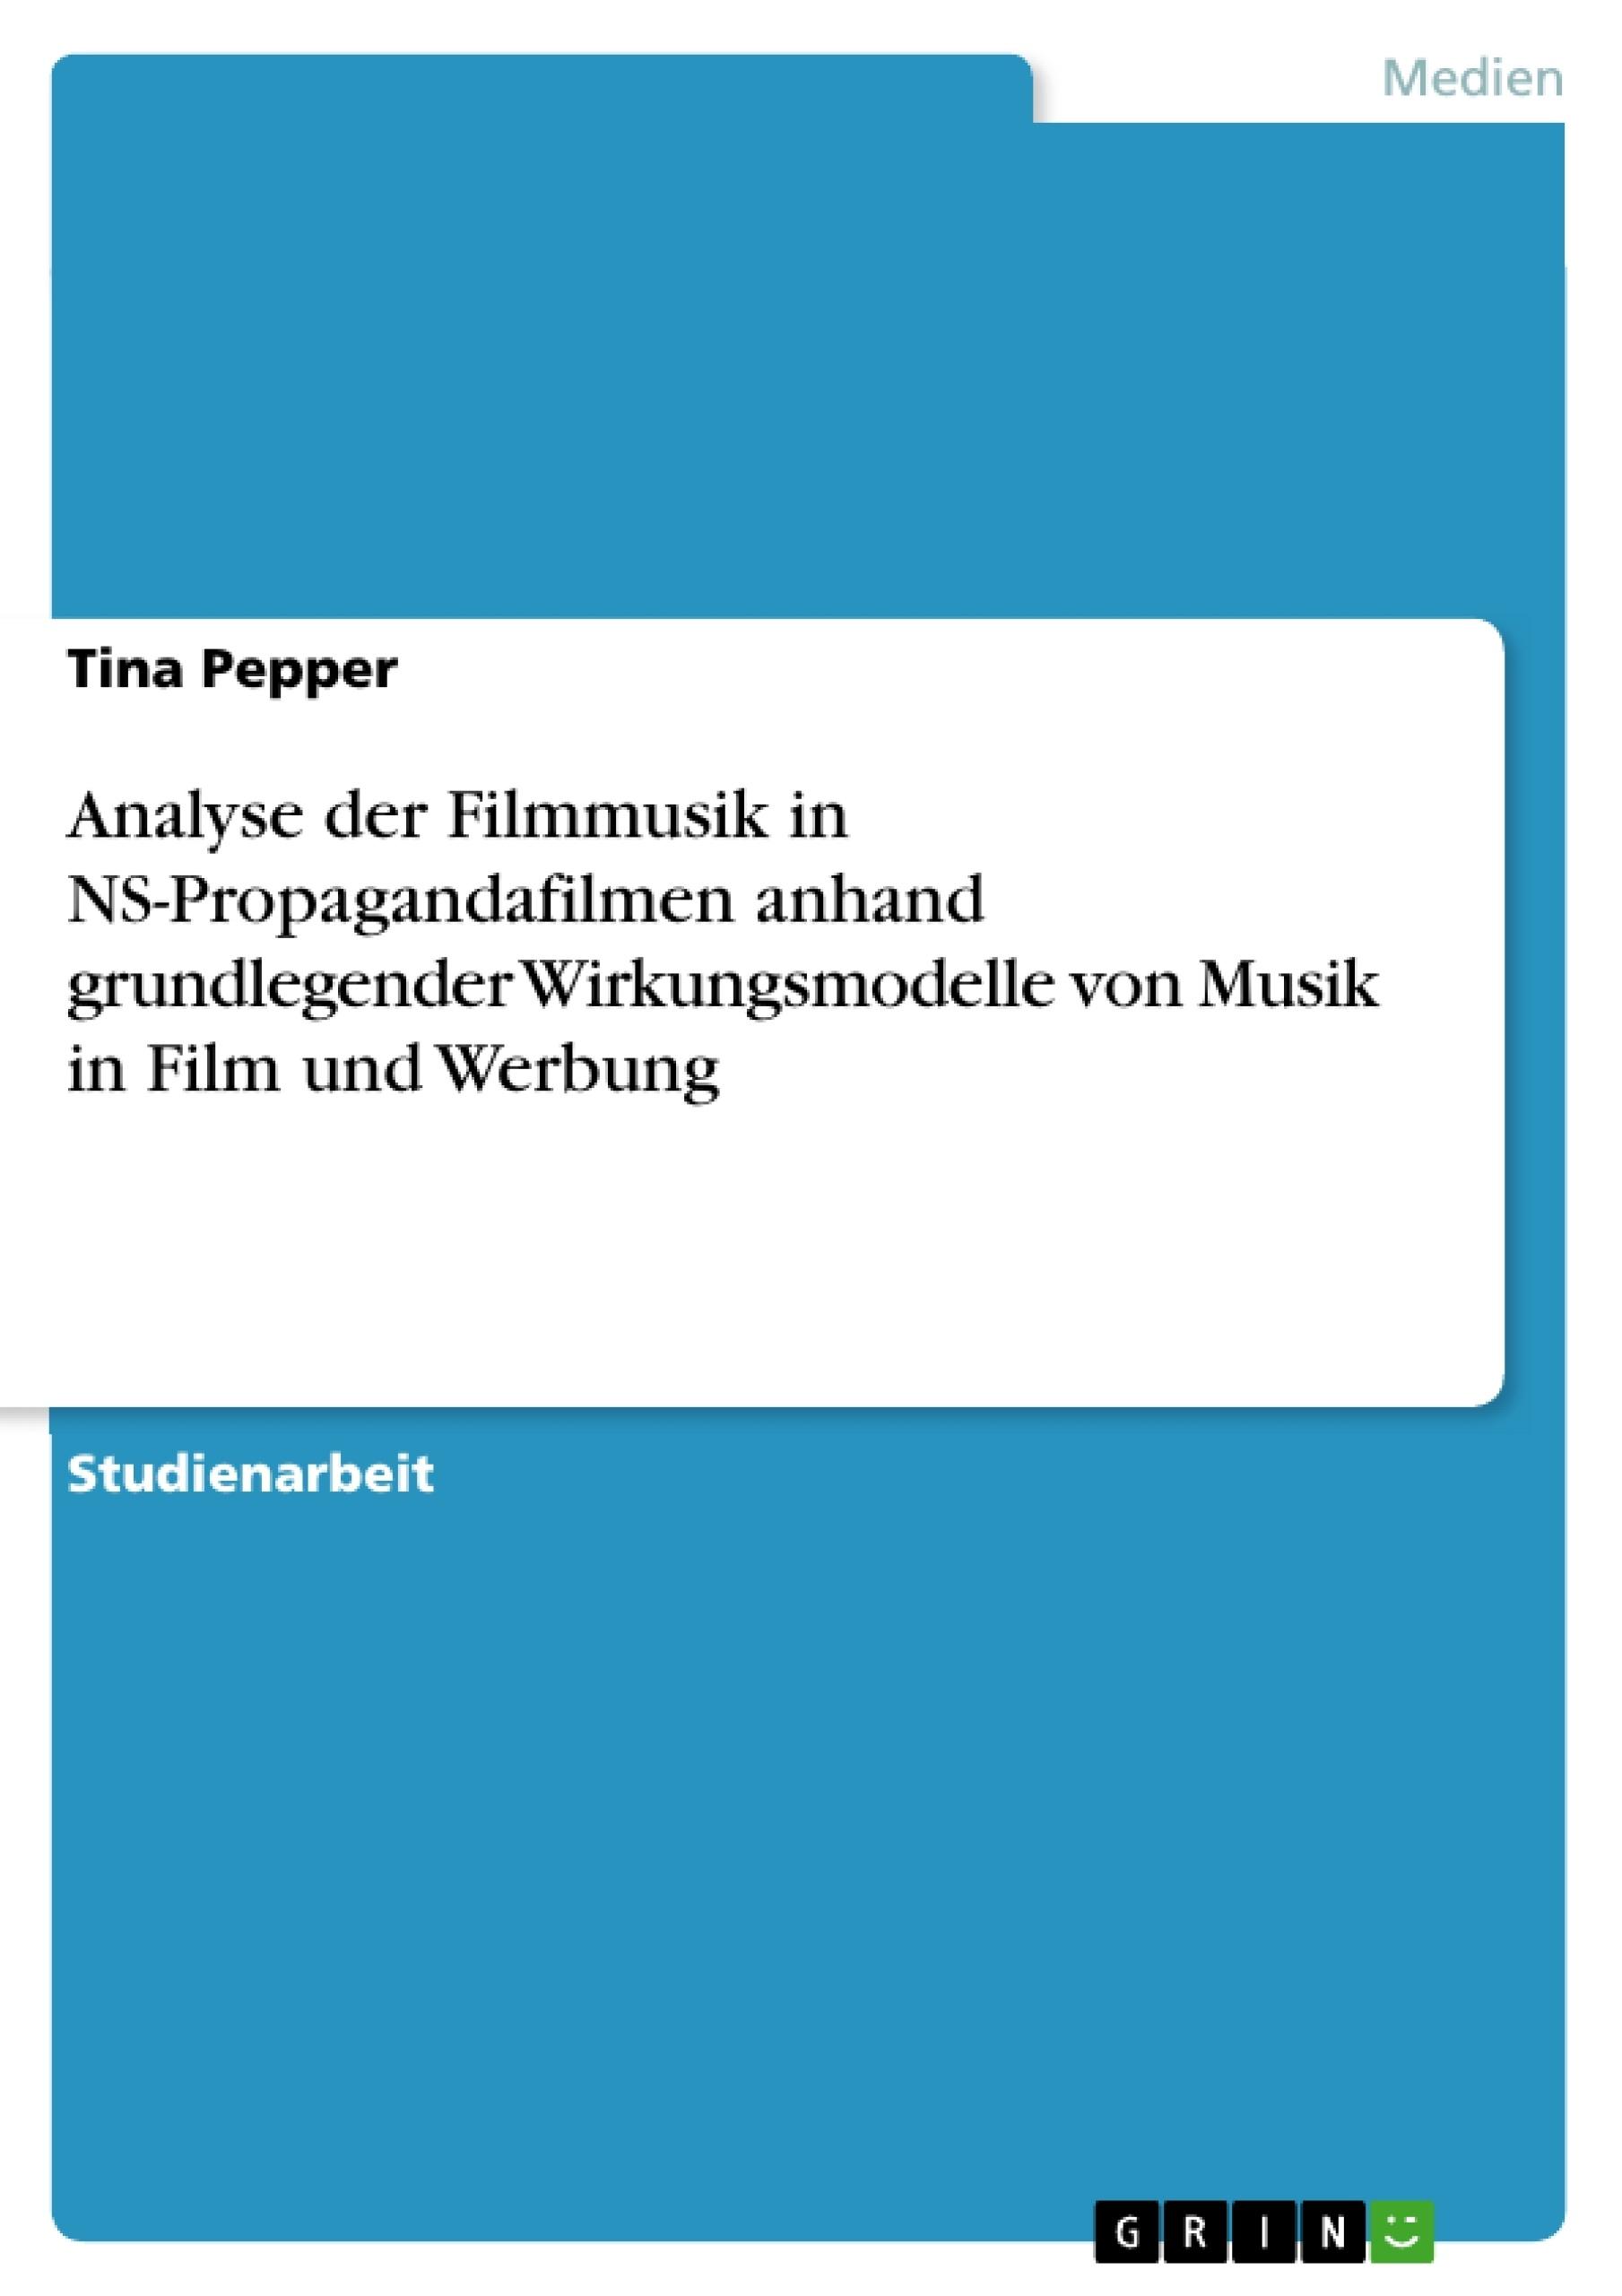 Titel: Analyse der Filmmusik in NS-Propagandafilmen anhand grundlegender Wirkungsmodelle von Musik in Film und Werbung